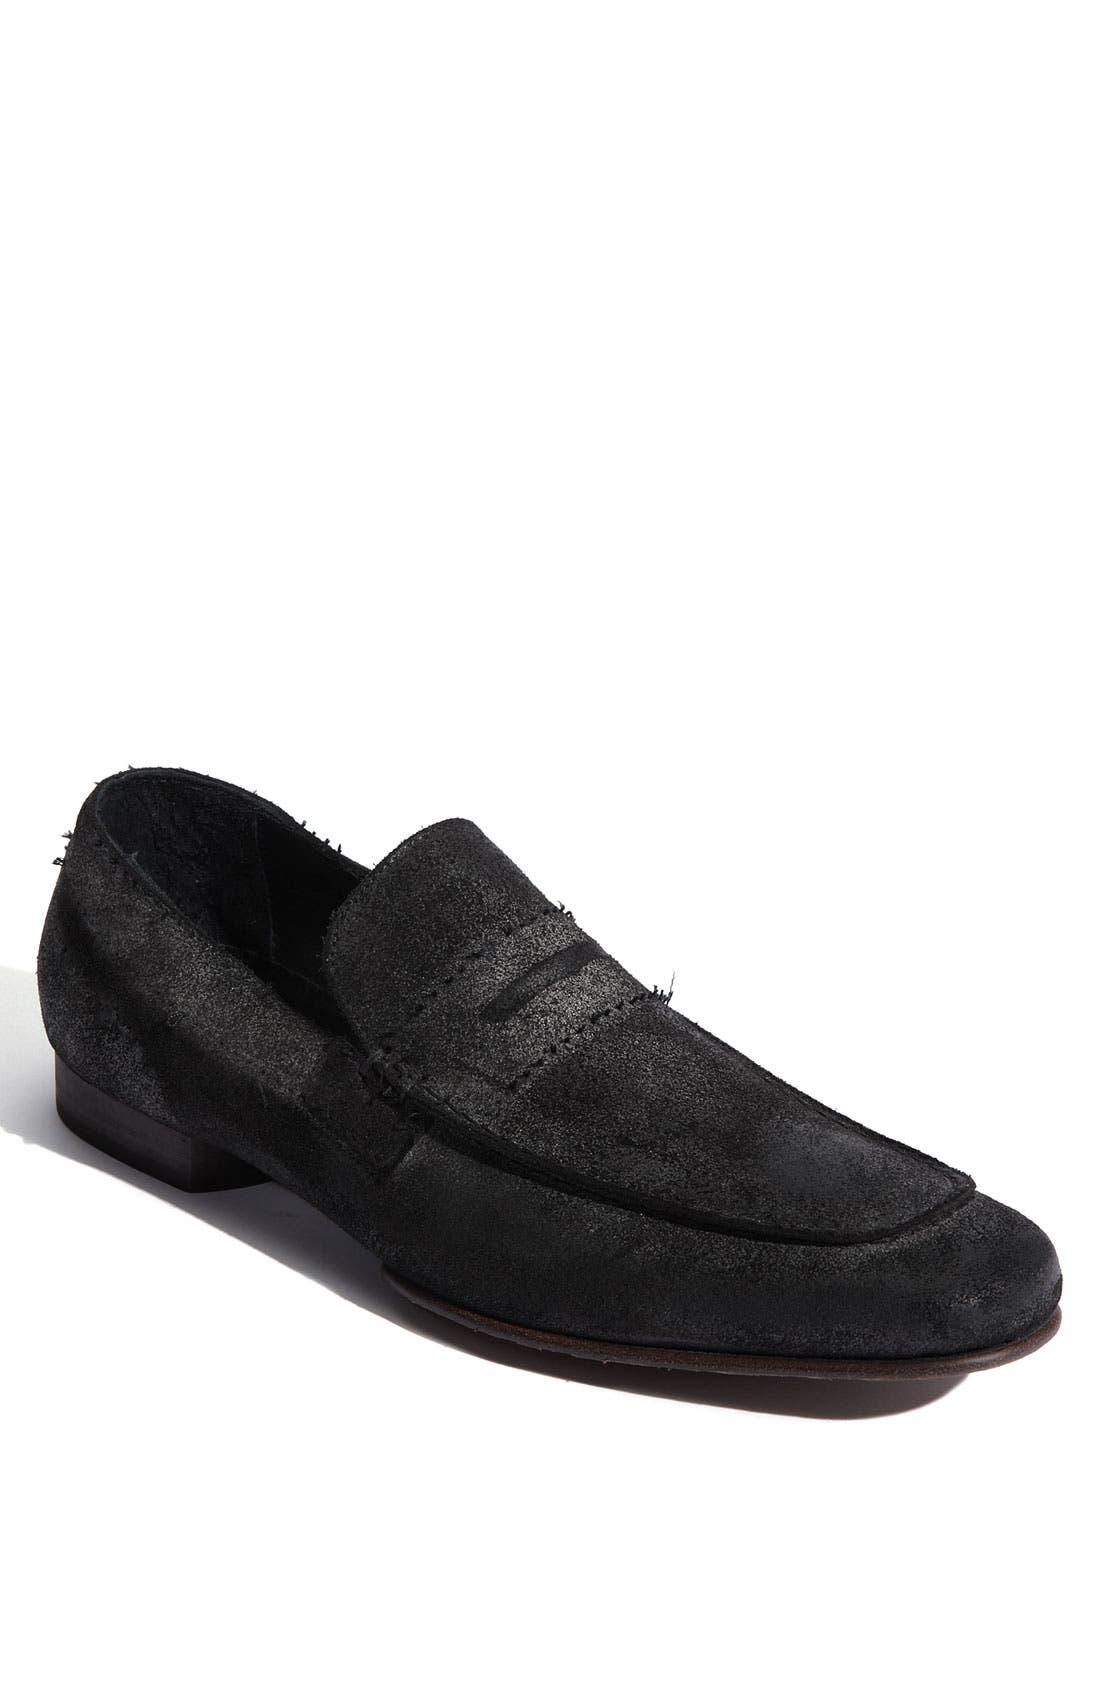 Main Image - Donald J Pliner 'Virge' Leather Loafer